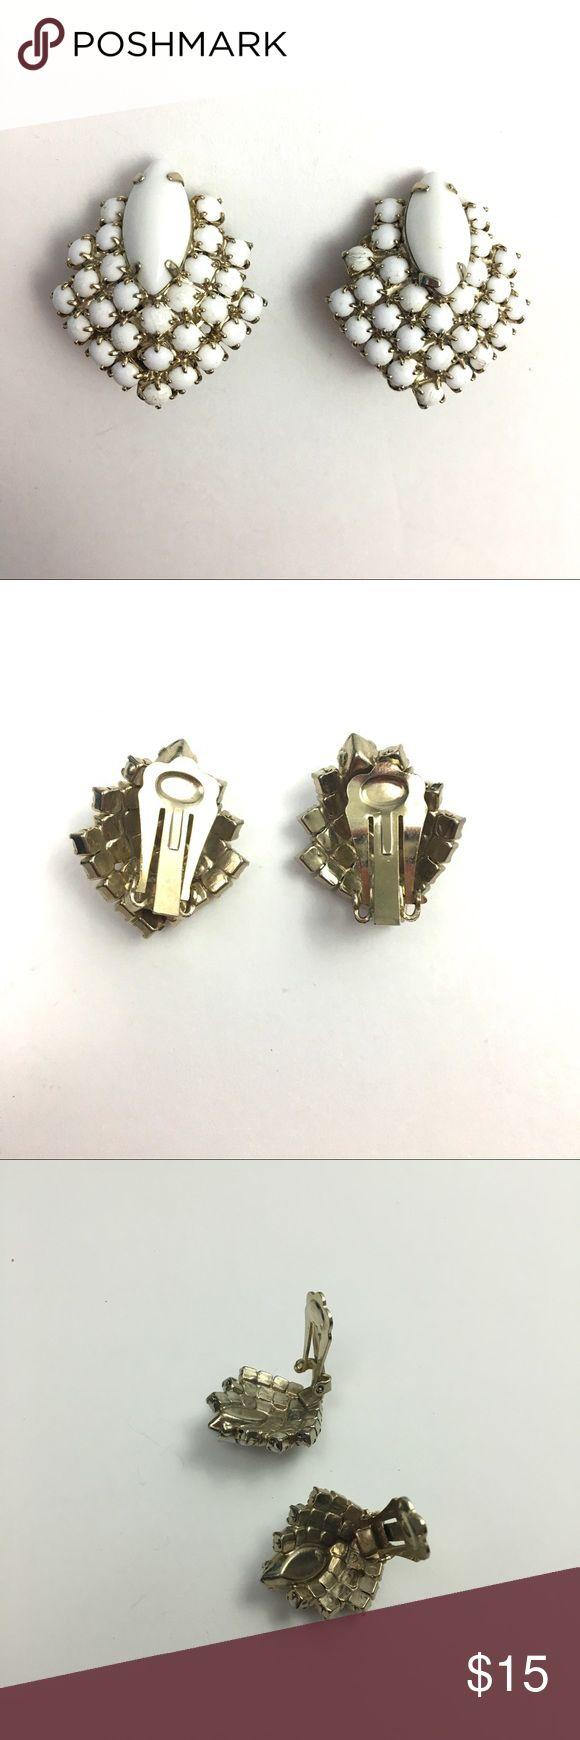 Vintage Prong Set White Beaded Clip On Earrings Stunning vintage white beaded cluster clip on earrings, Prong set; nice condition Vintage Jewelry Earrings